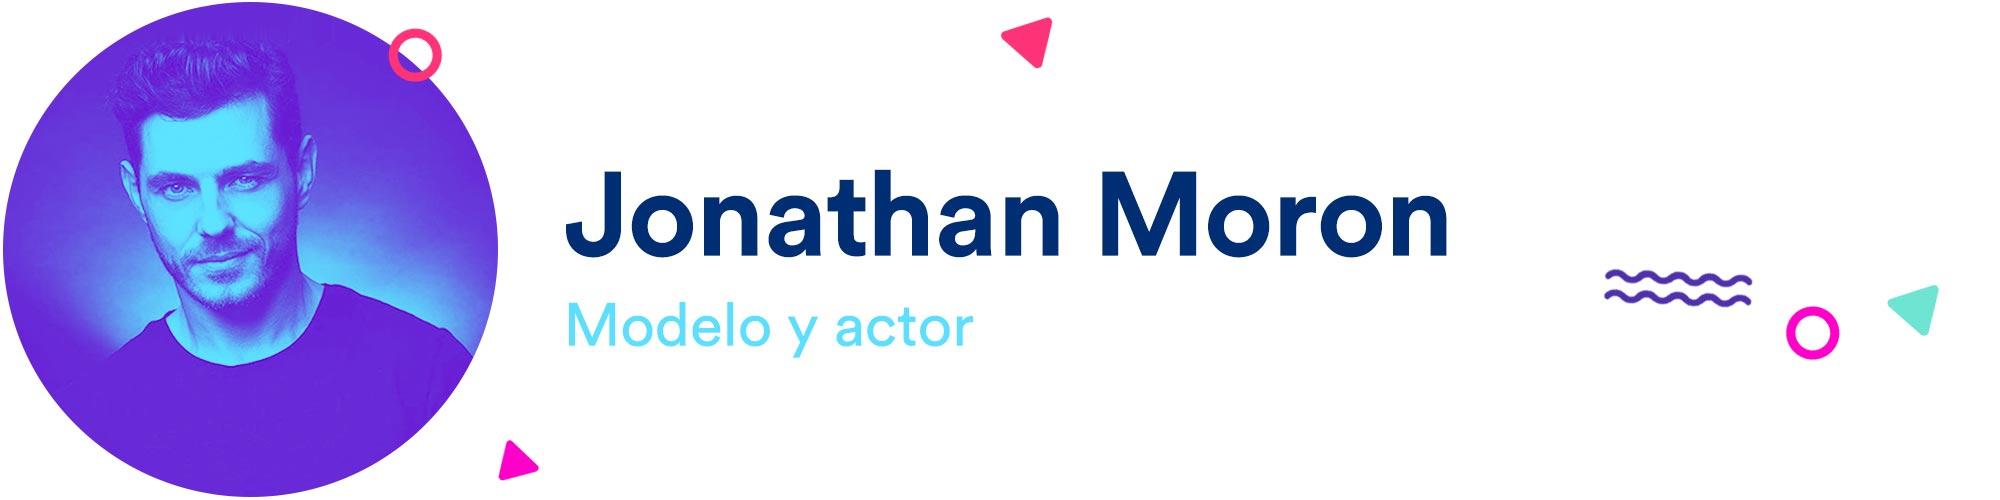 jonathan-moron